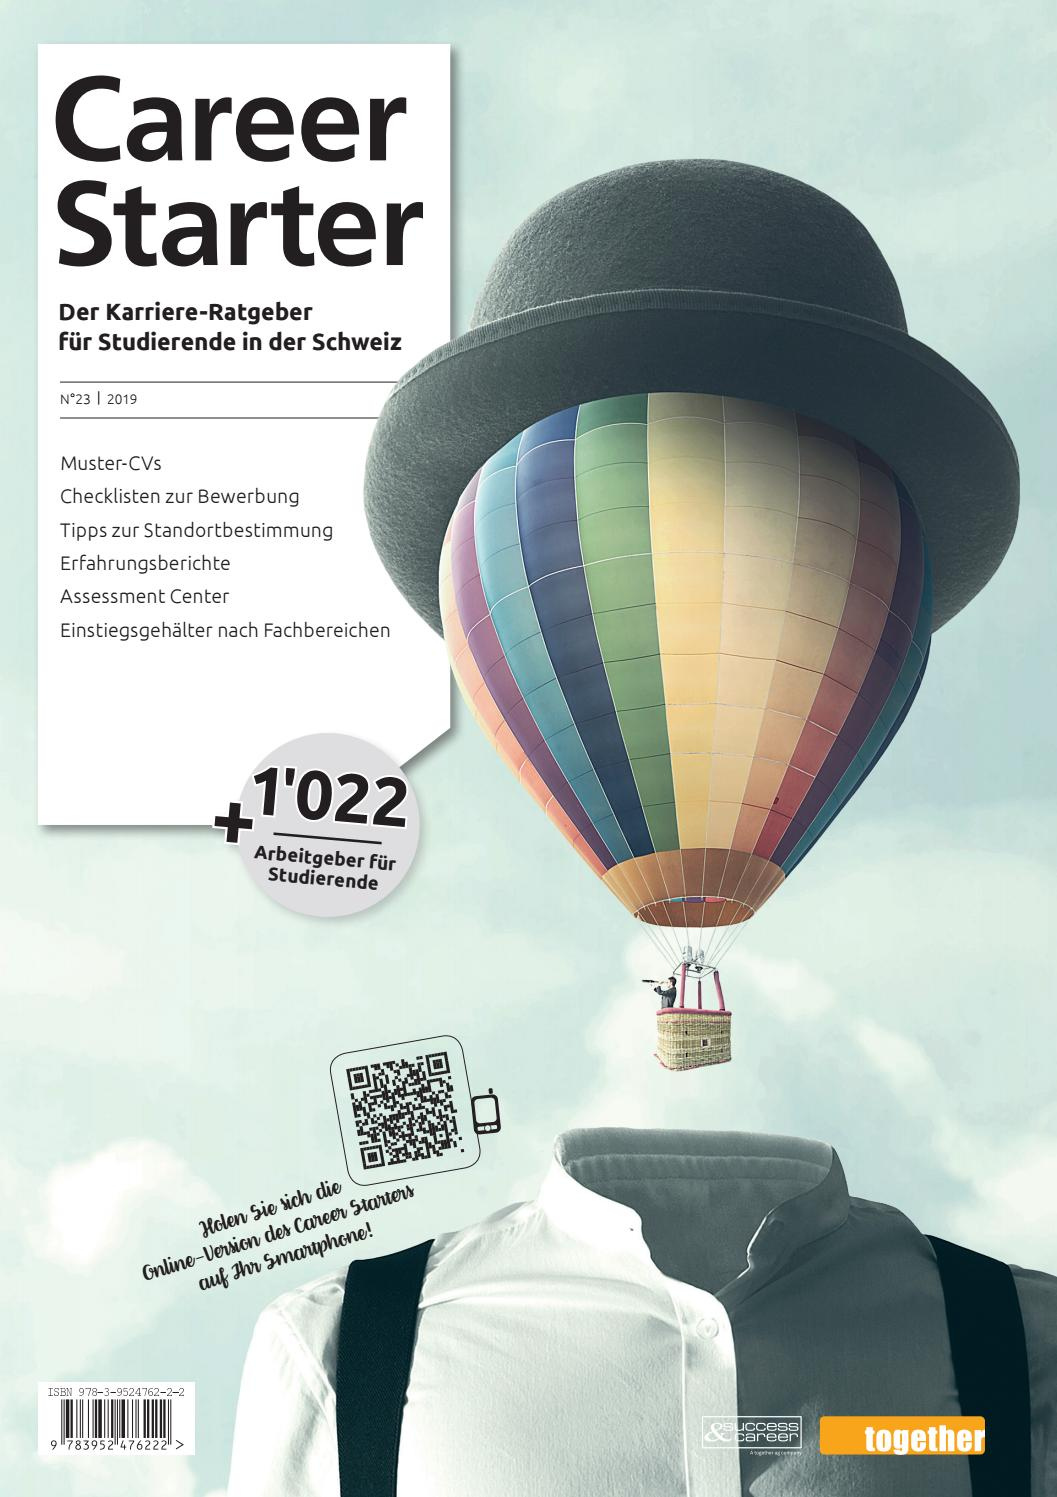 Career Starter Nr 23 Deutsche Ausgabe 2019 By